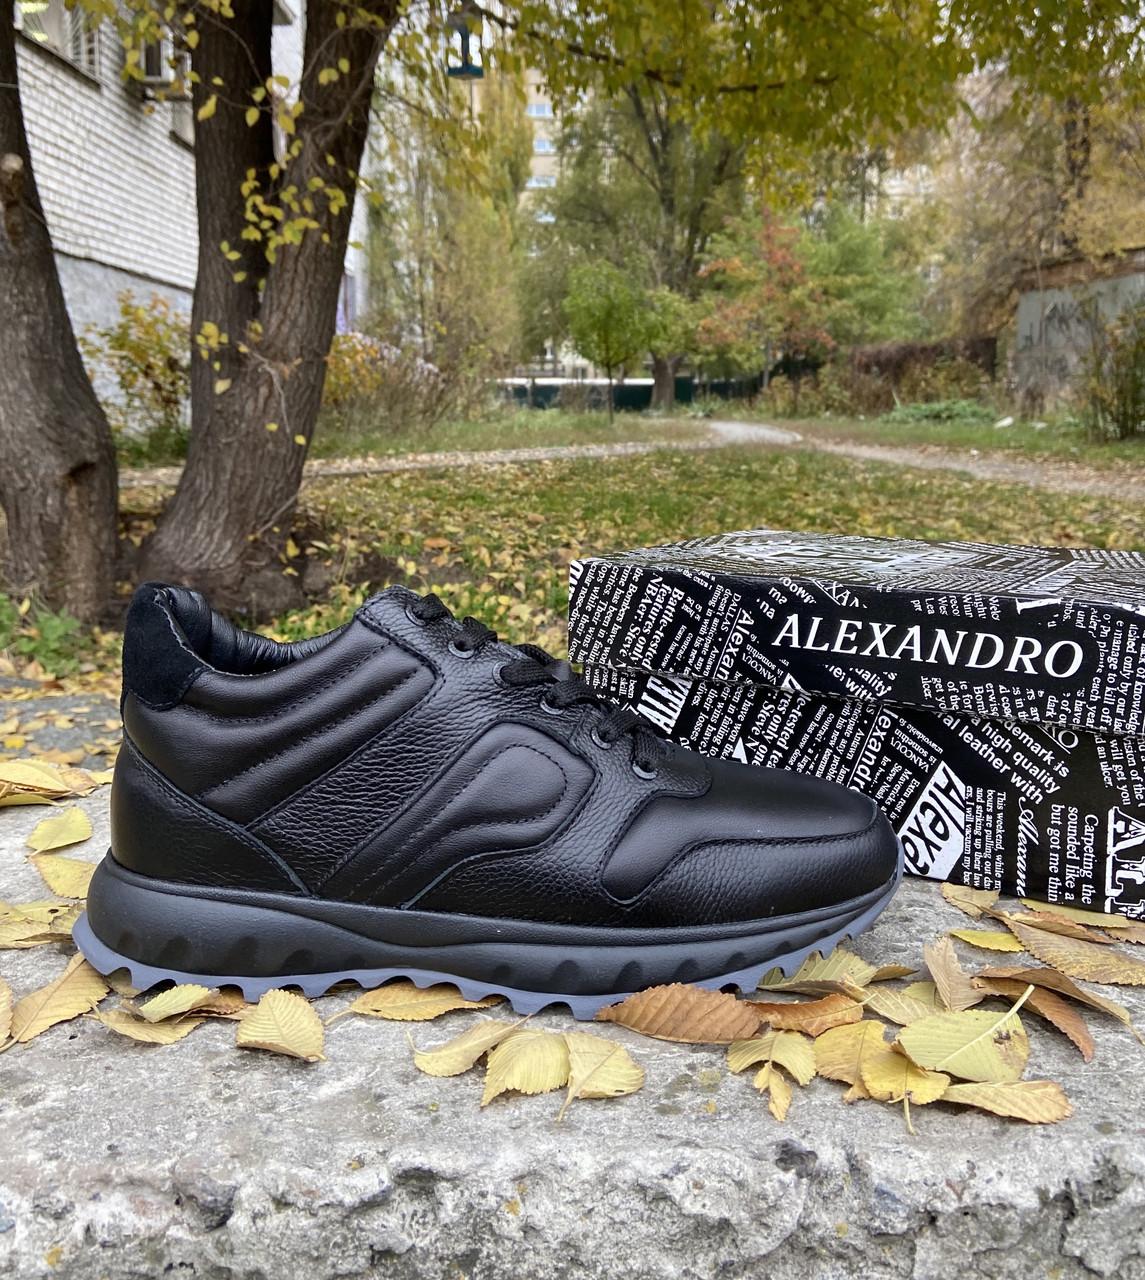 Мужские зимние кроссовки ALEXANDRO натуральная кожа 44